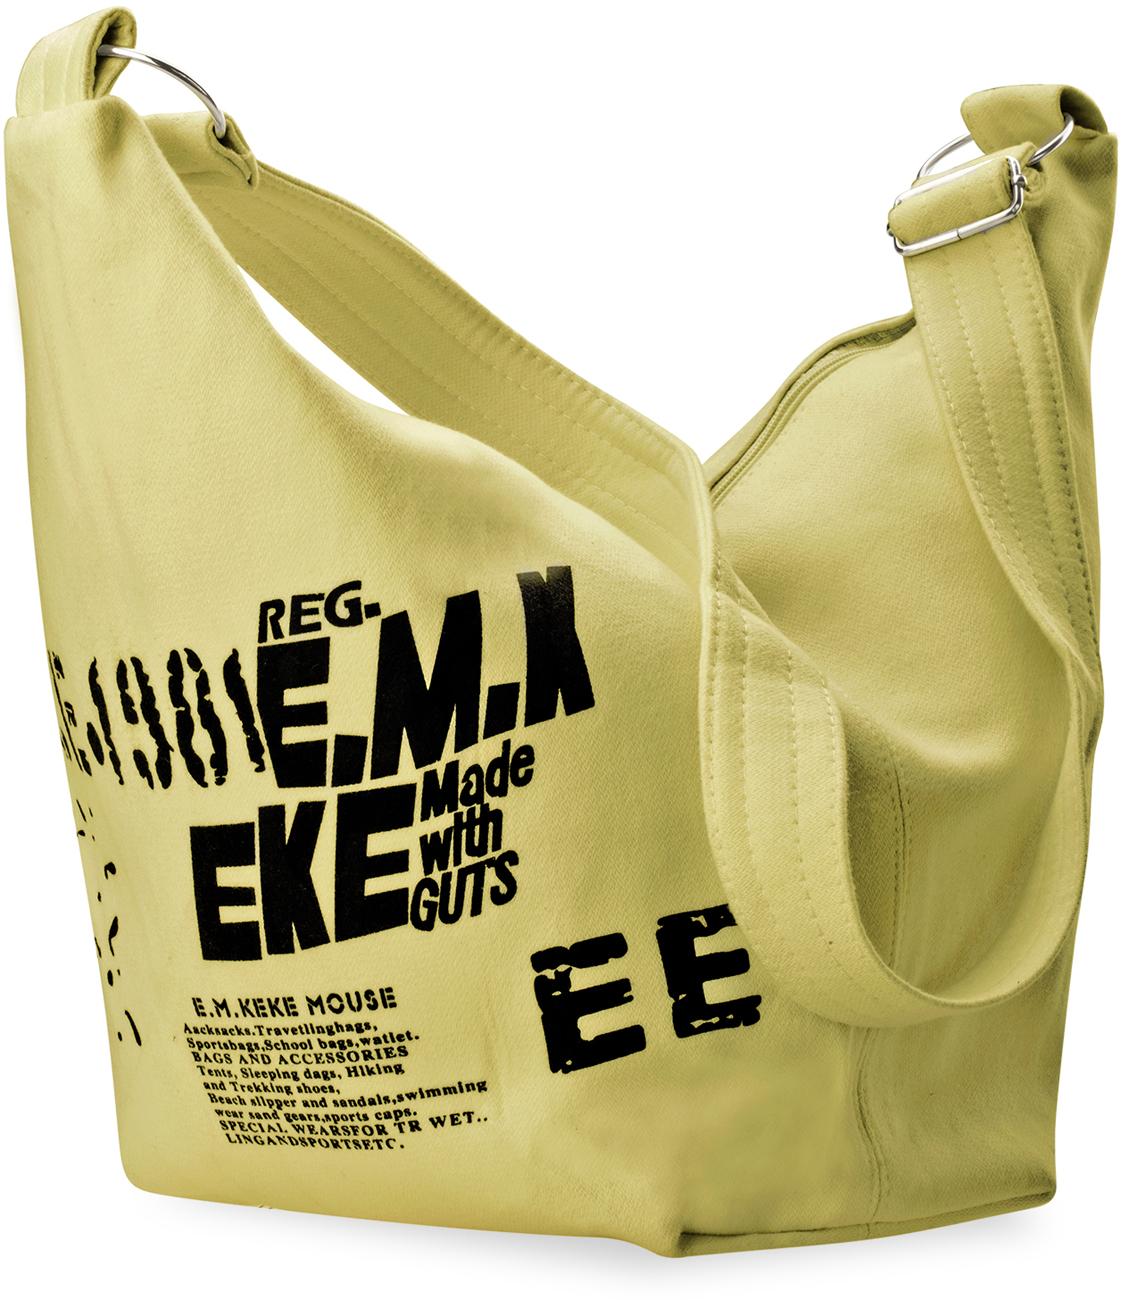 Details zu Herren Damen Einarm Rucksack Querträgertasche Crossbag Leinen Tasche Beige